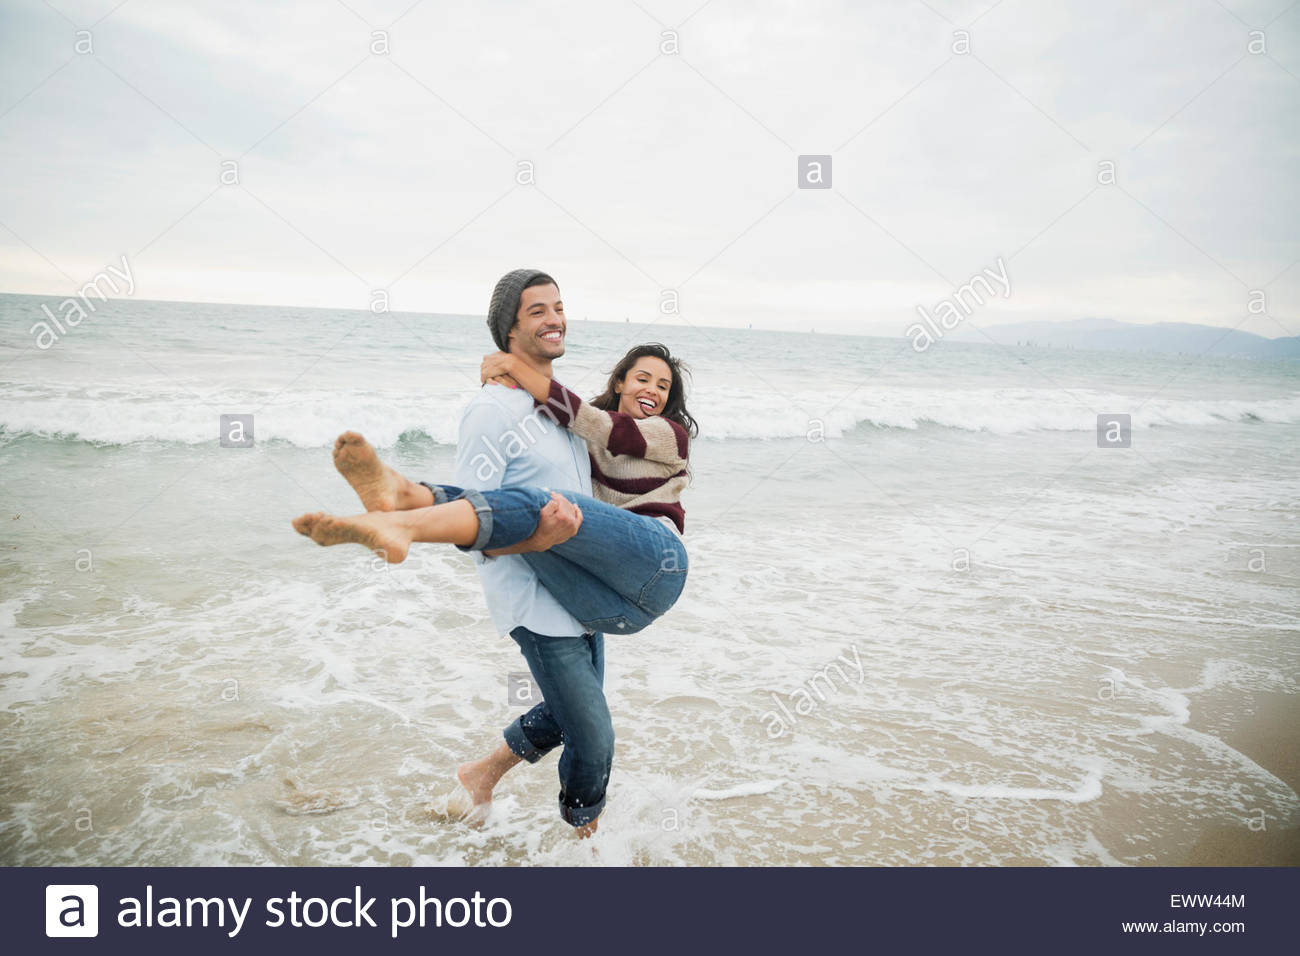 Giocoso ragazzo portando la fidanzata in ocean surf Immagini Stock